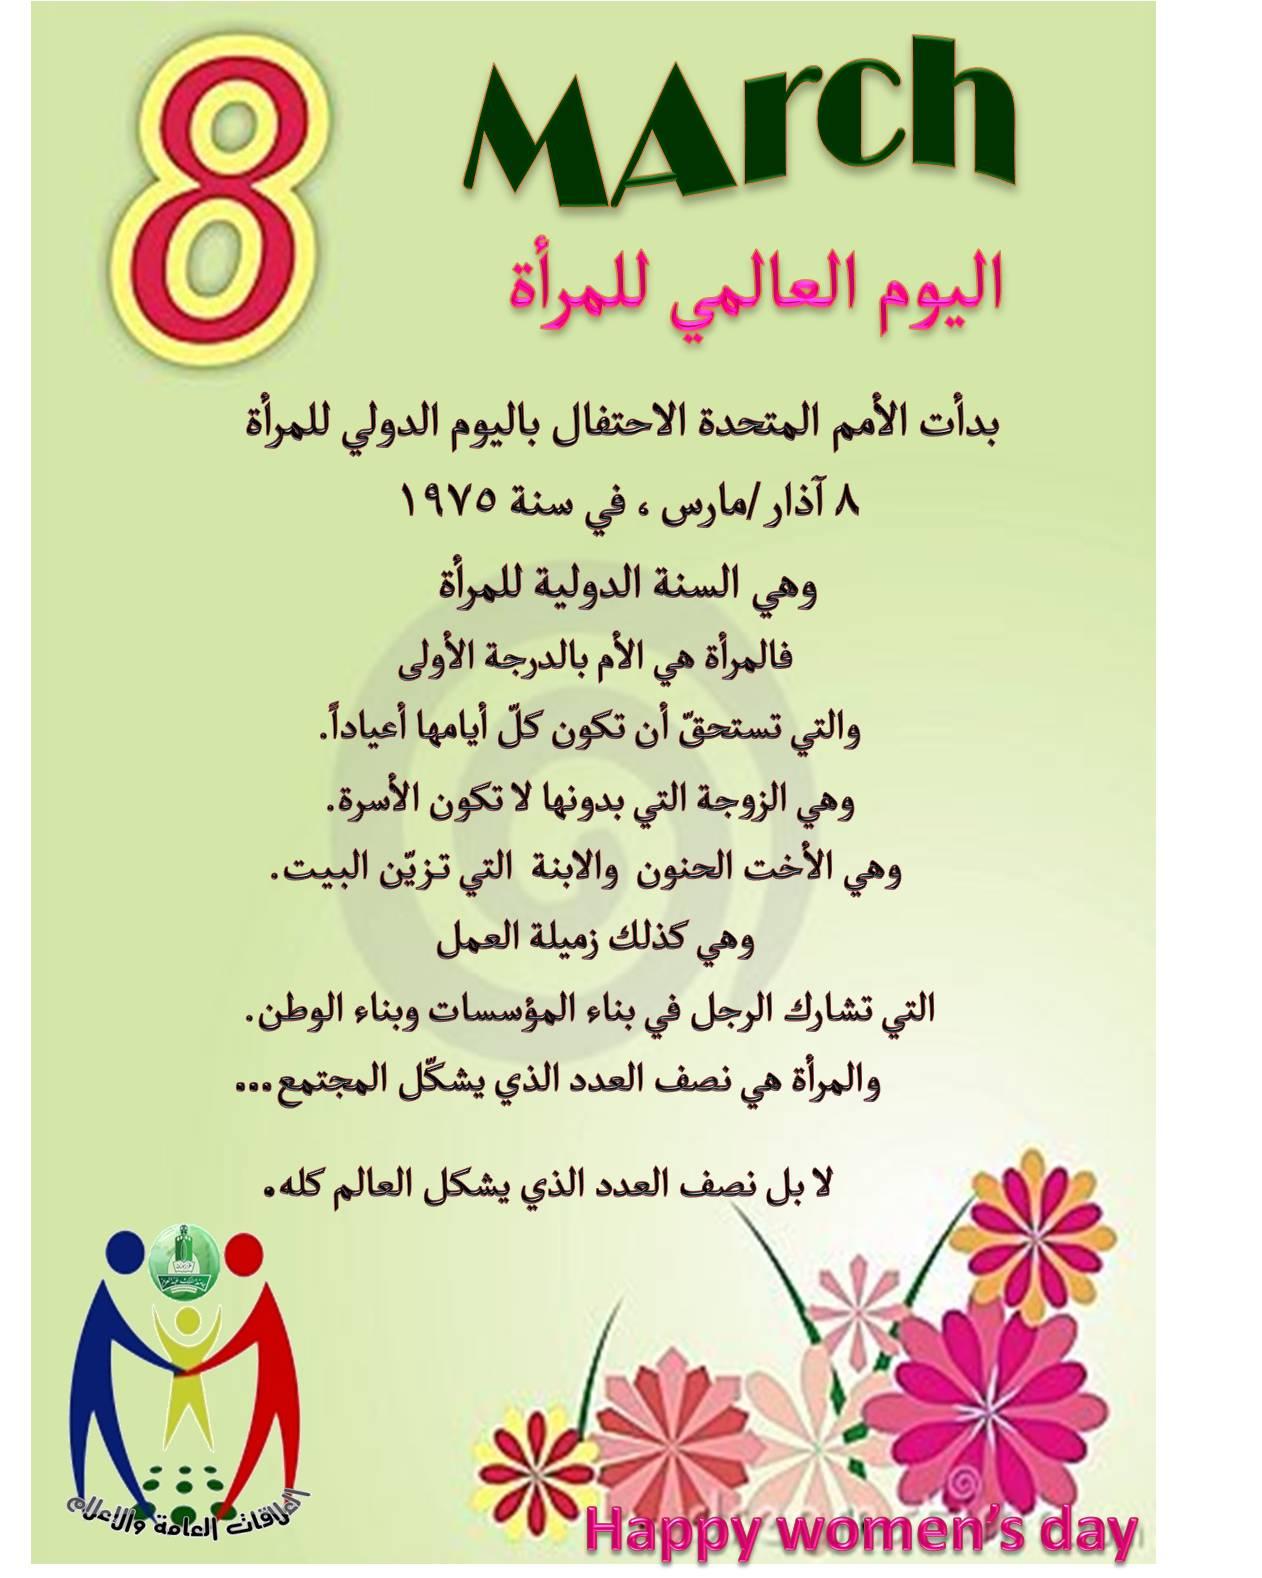 بالصور كلمات عن يوم المراة العالمى , اليوم العالمى للمراة واحلى كلمات عنه 6263 5